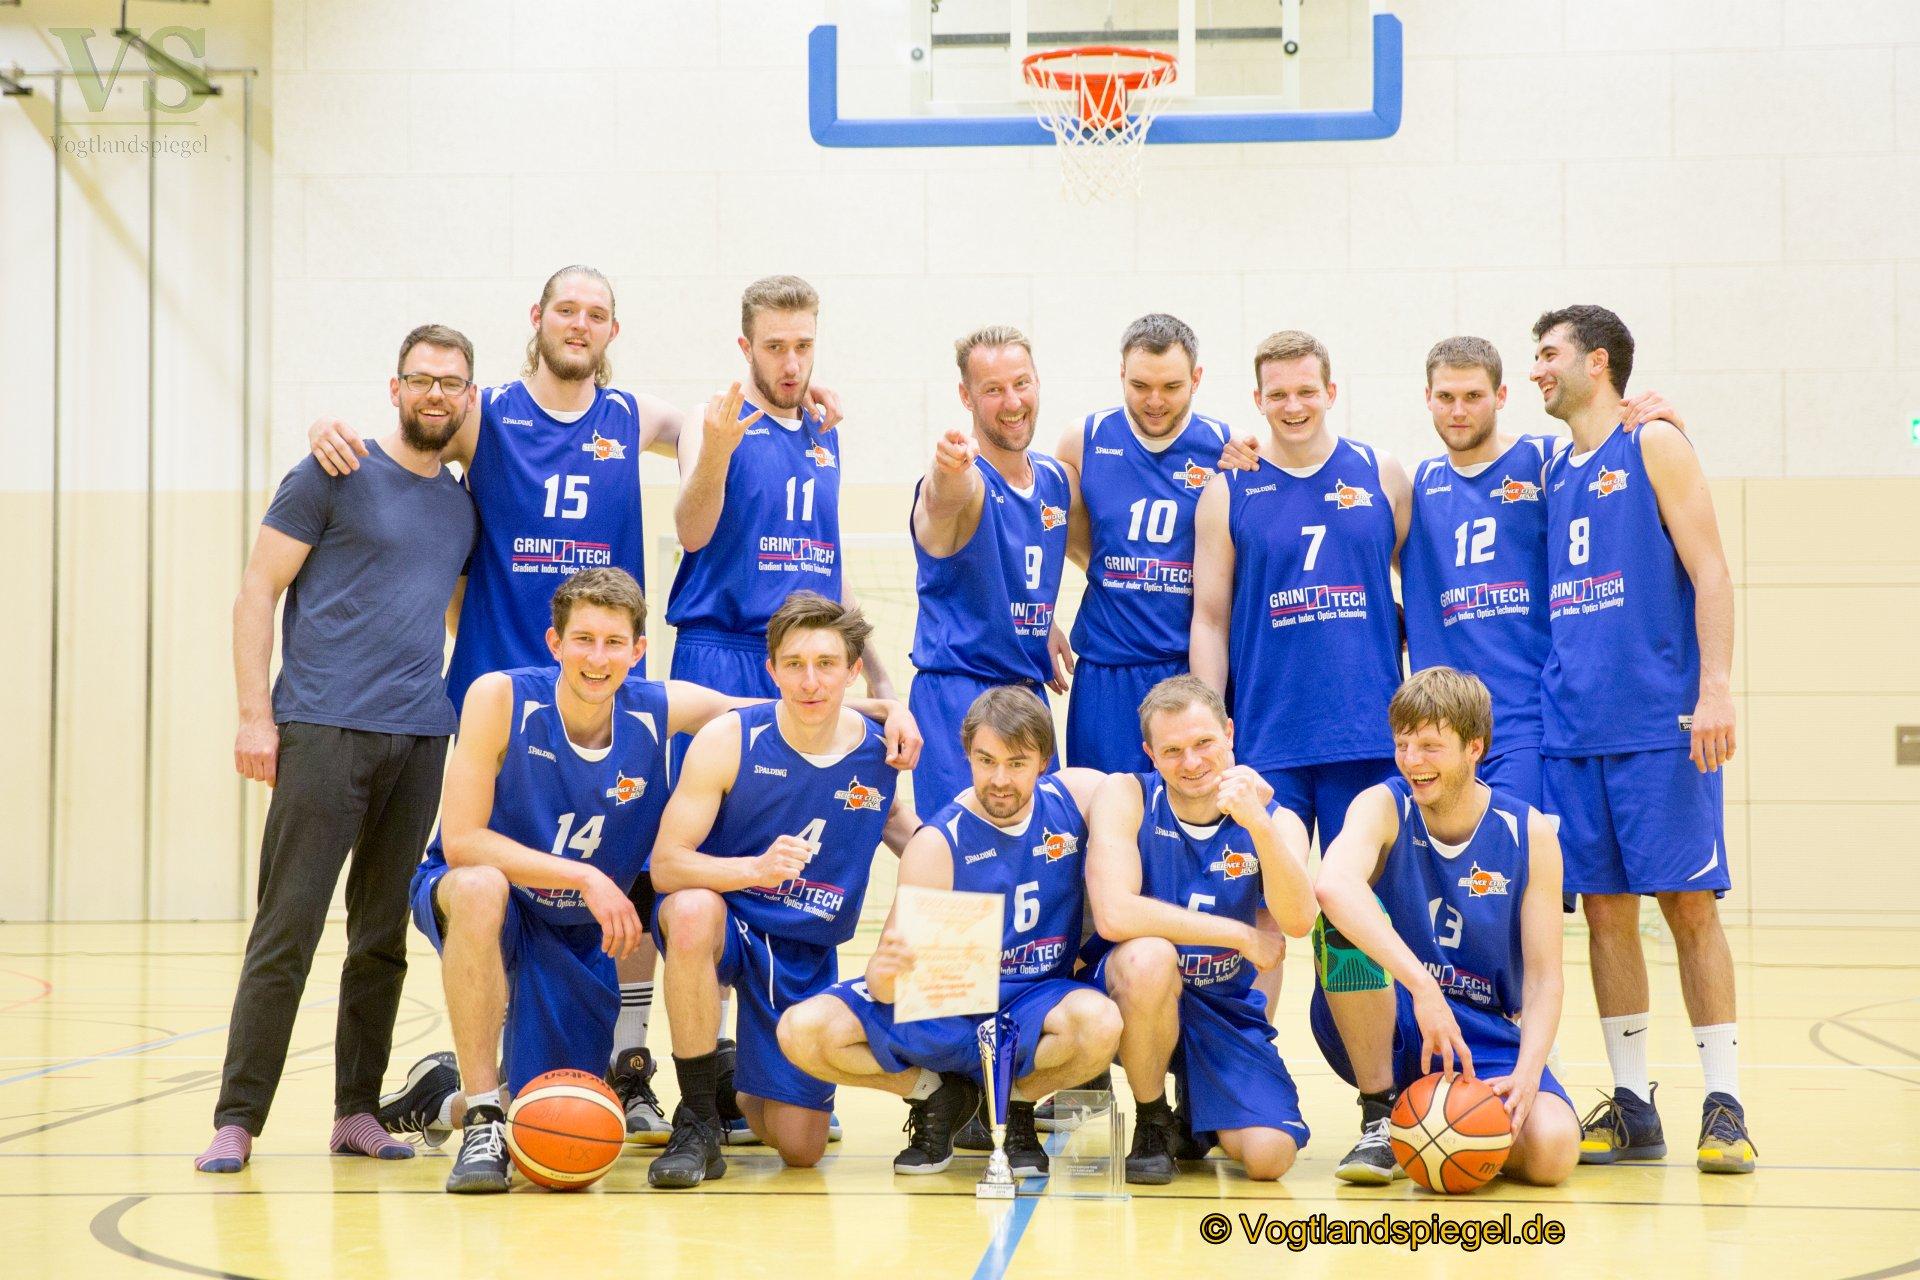 Thüringenpokal Finalspiele der Männer und Frauen im Basketball